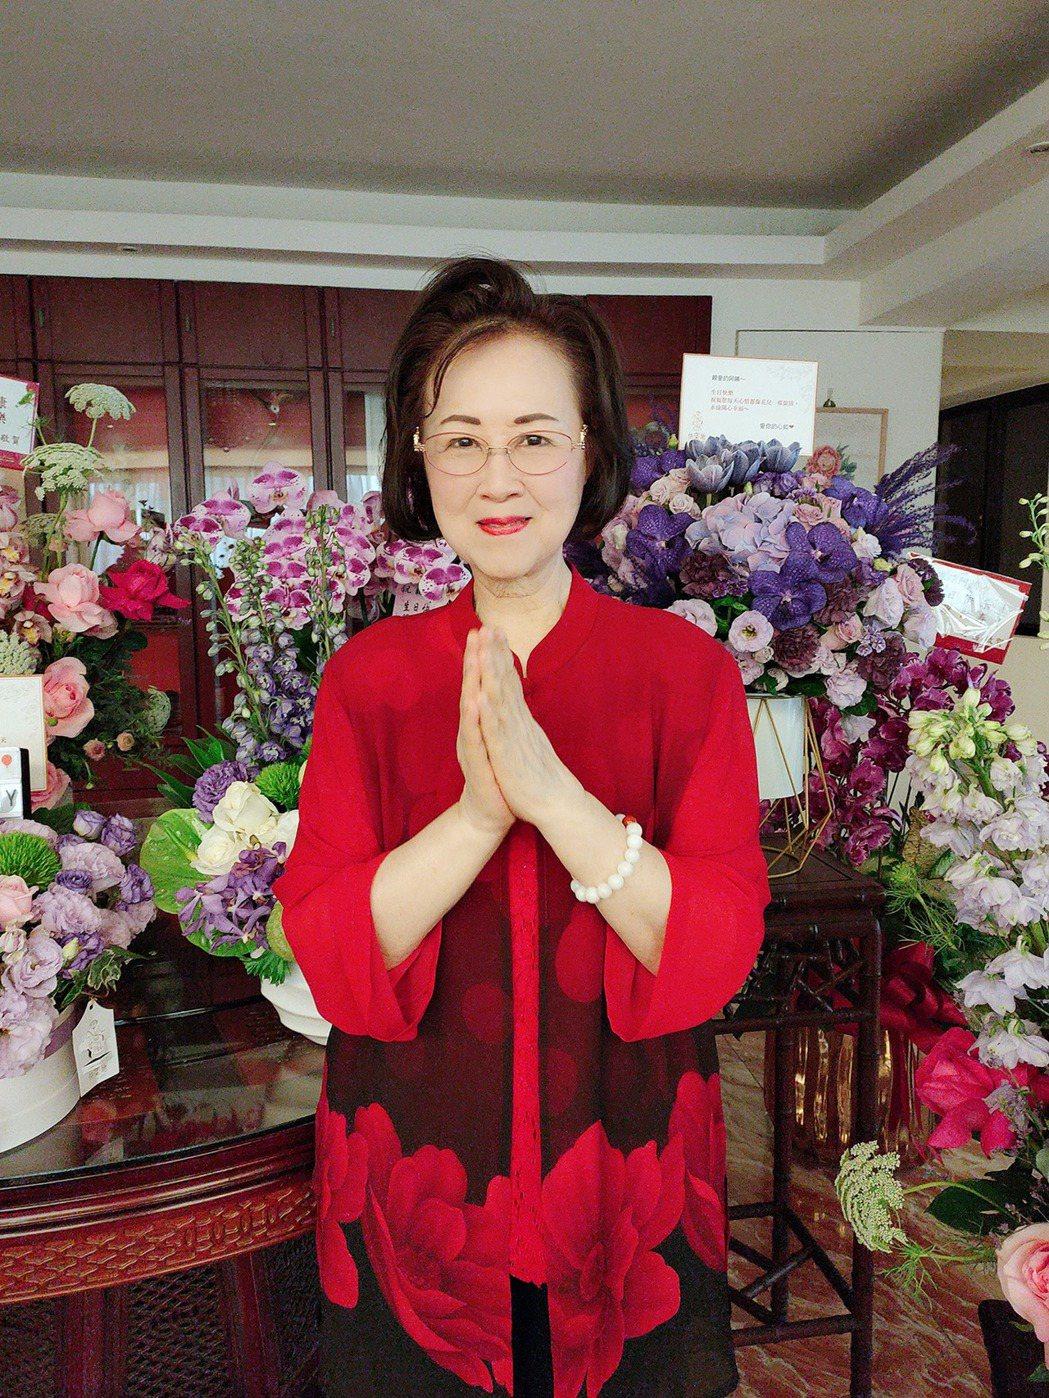 瓊瑤感謝粉絲祝賀她生日快樂。圖/摘自臉書